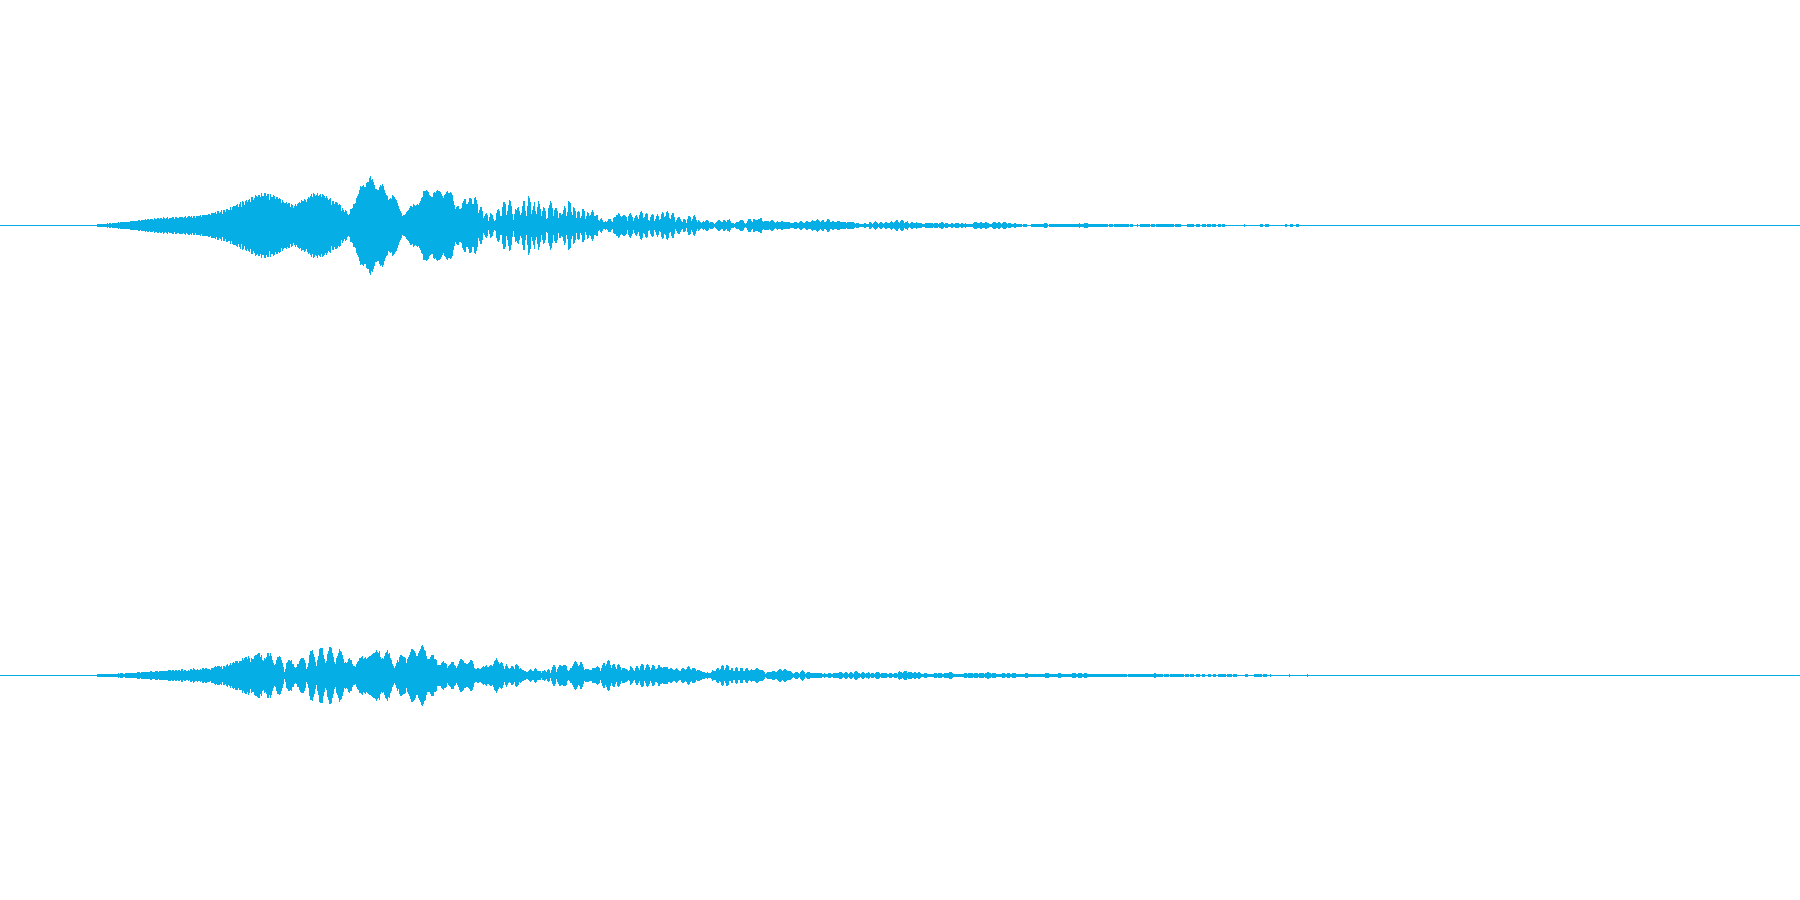 【SE 効果音】効果音その18の再生済みの波形